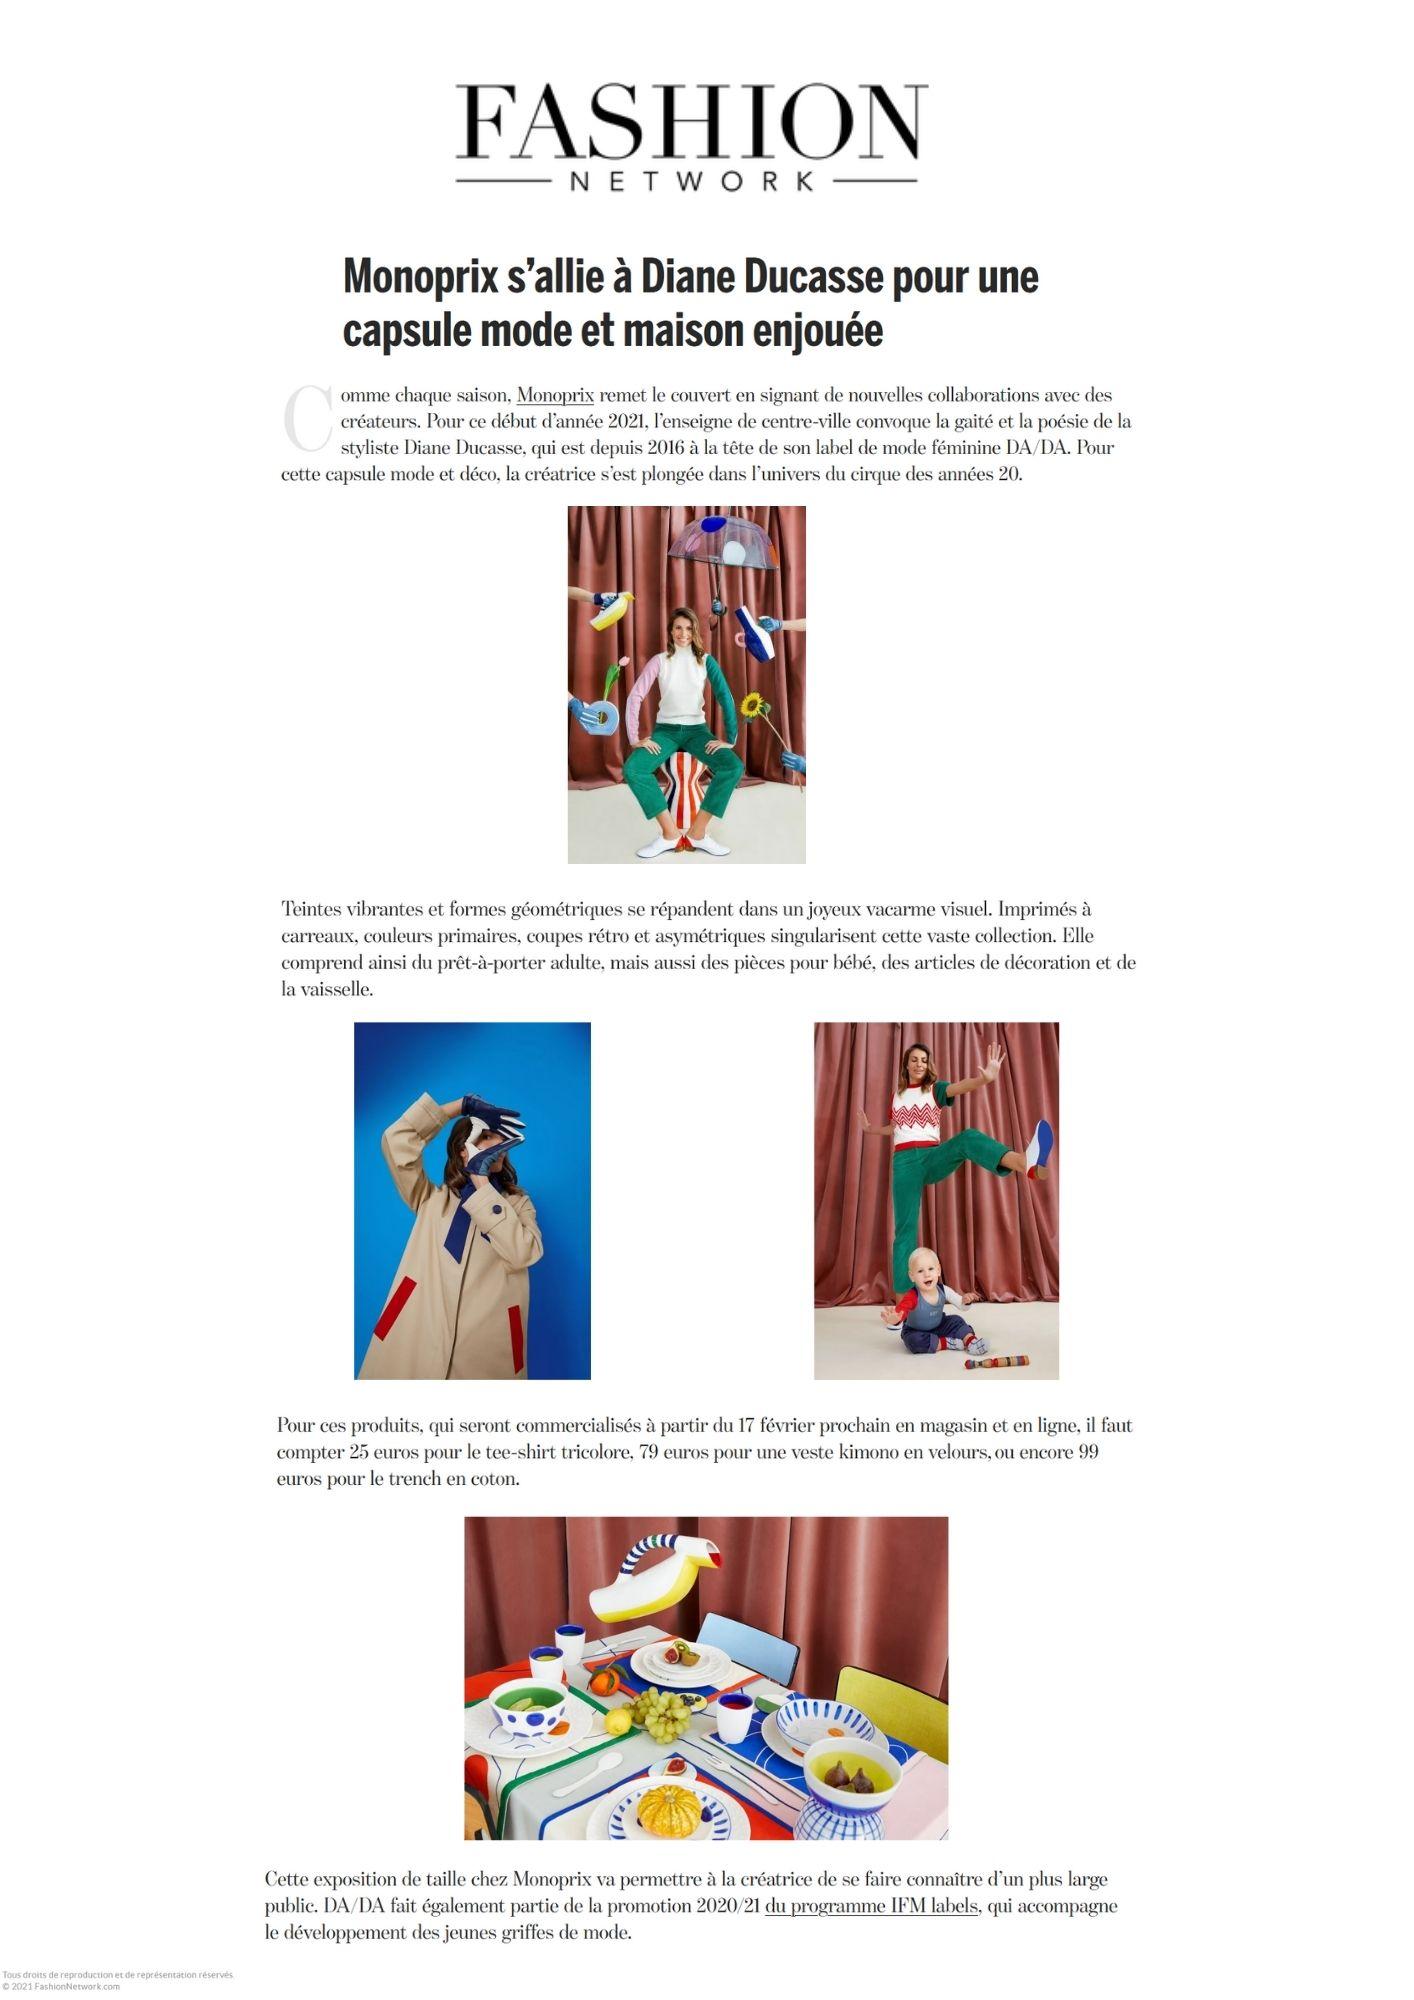 dada-diane-ducasse-fashion-network-presse-janvier-2021